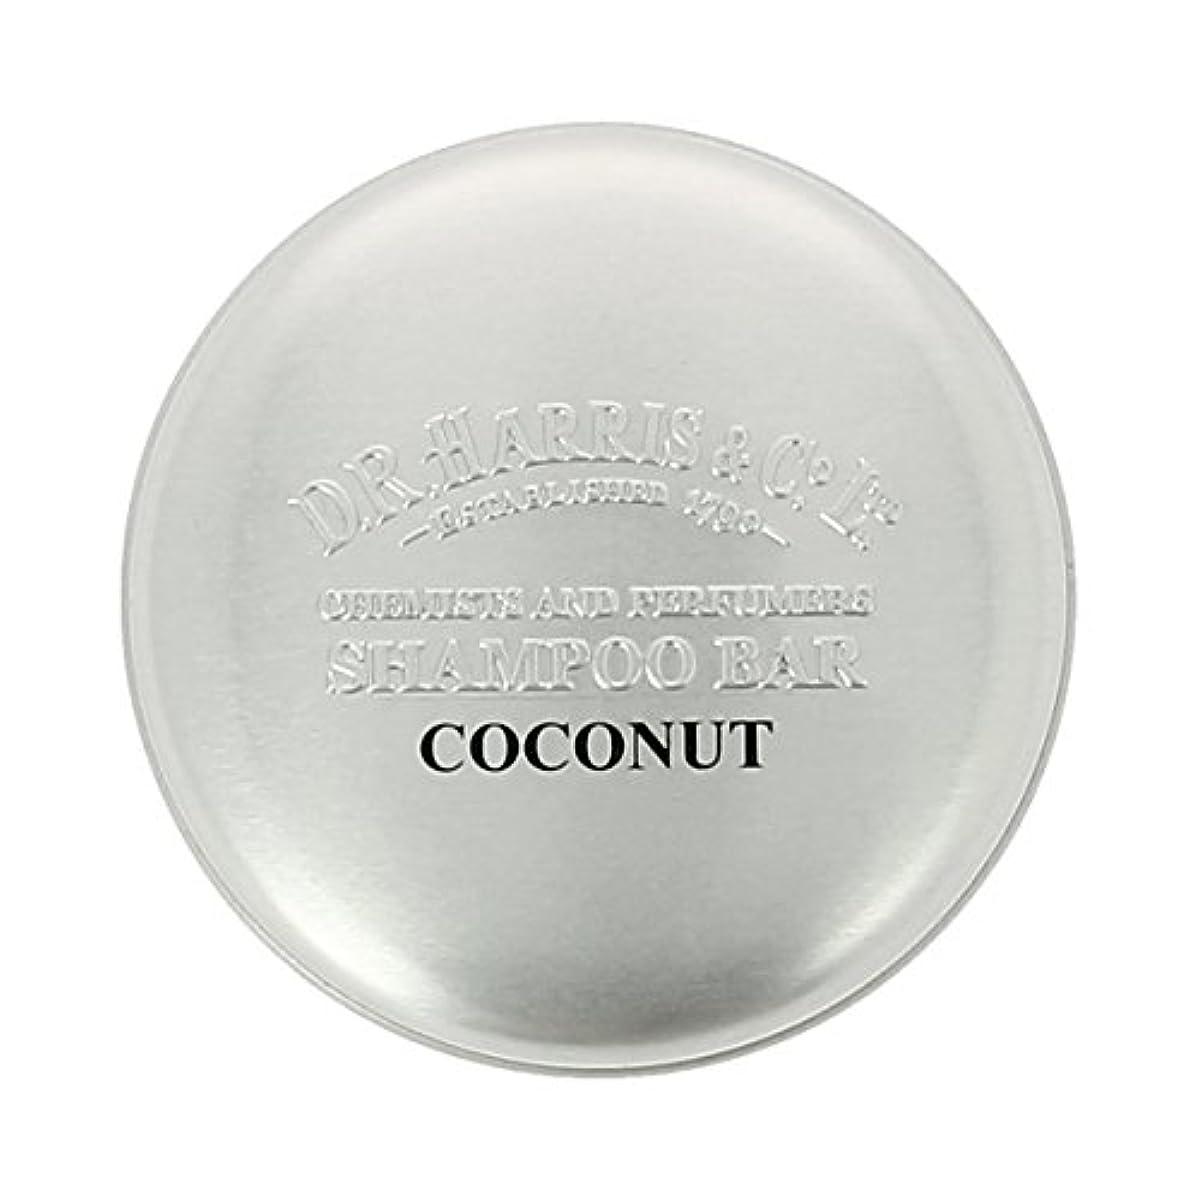 豆タイピスト減らすD Rハリス ココナッツシャンプーバー50g[海外直送品] [並行輸入品]